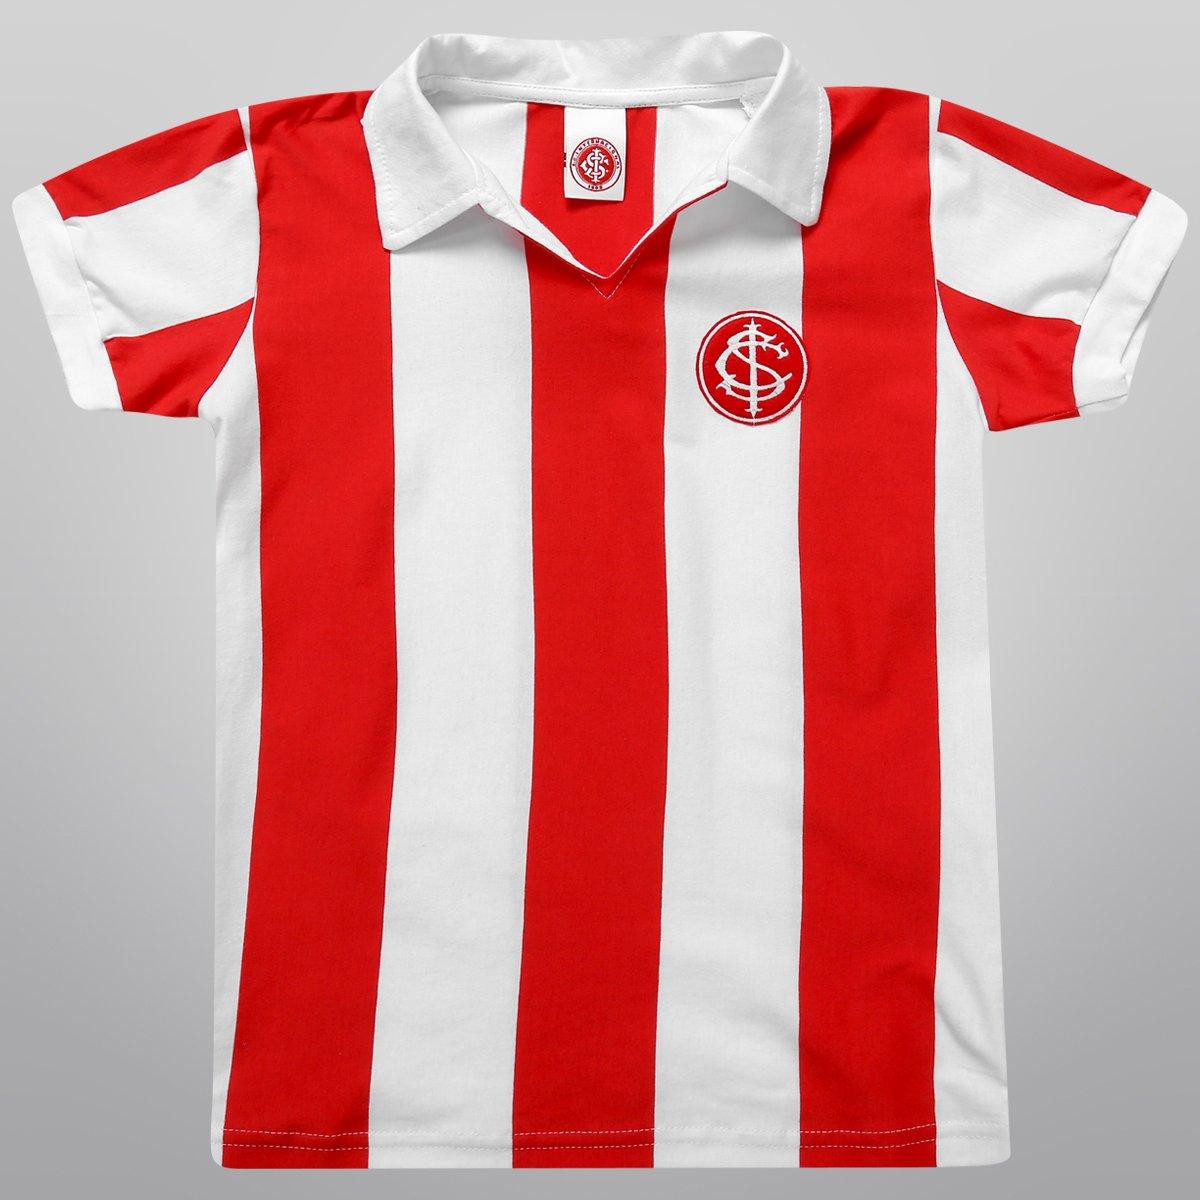 873117cdeca Camisa Polo Internacional Réplica Listradas 1912 Juvenil - Compre ...